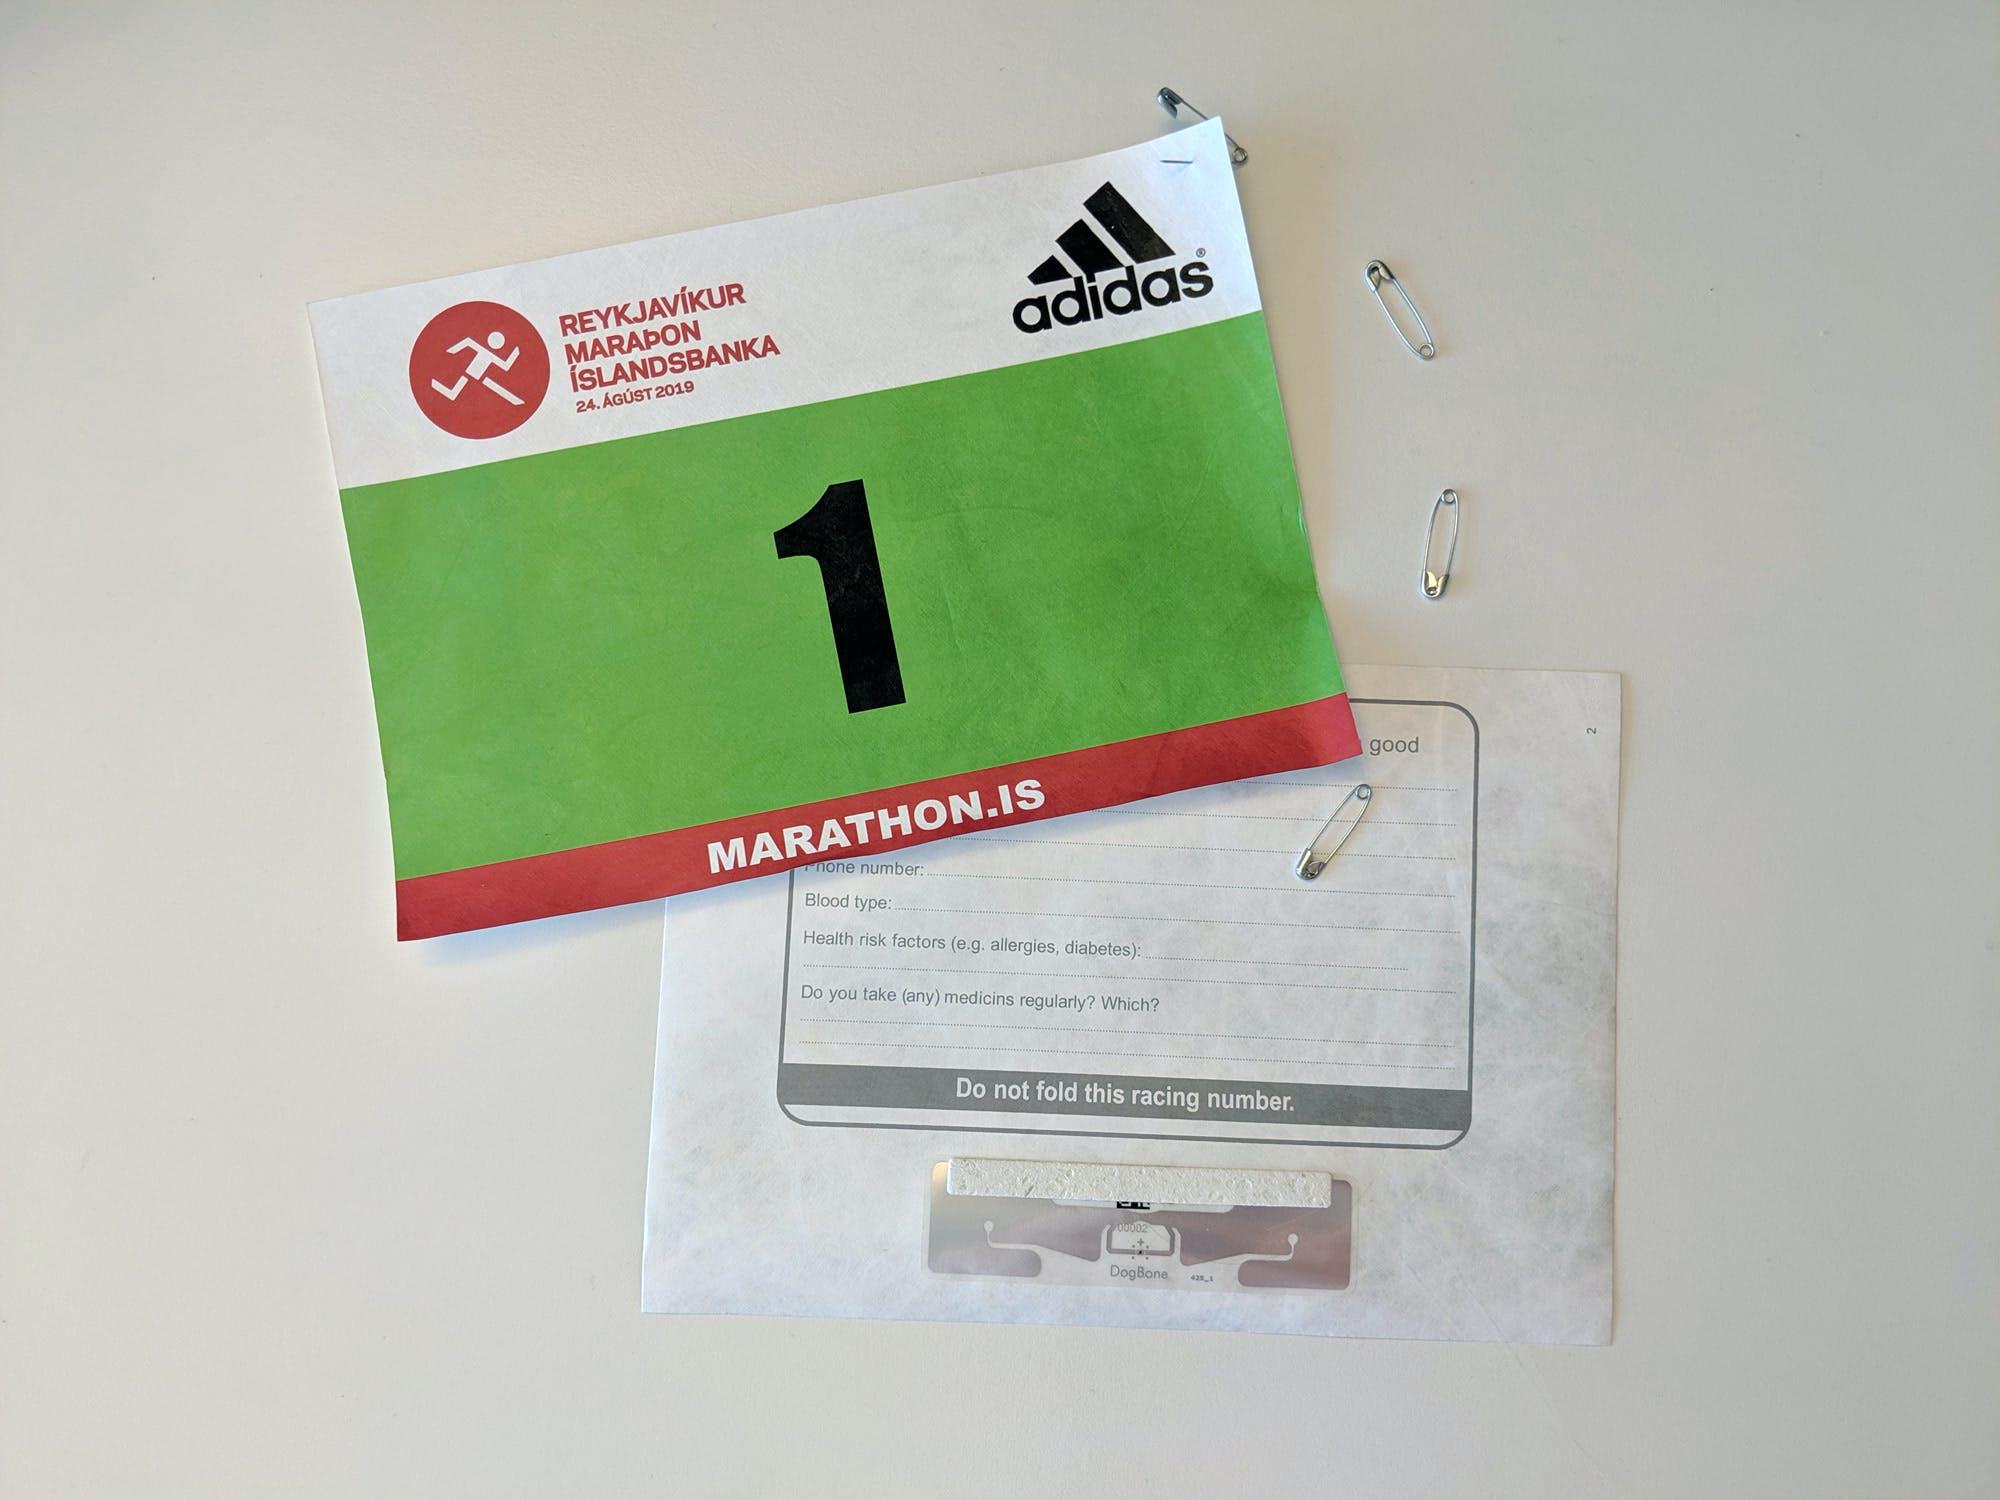 Hlaupnúmer í Reykjavíkurmaraþoni Íslandsbanka 2019 /  2019 Íslandsbanki Reykjavik Marathon bib number